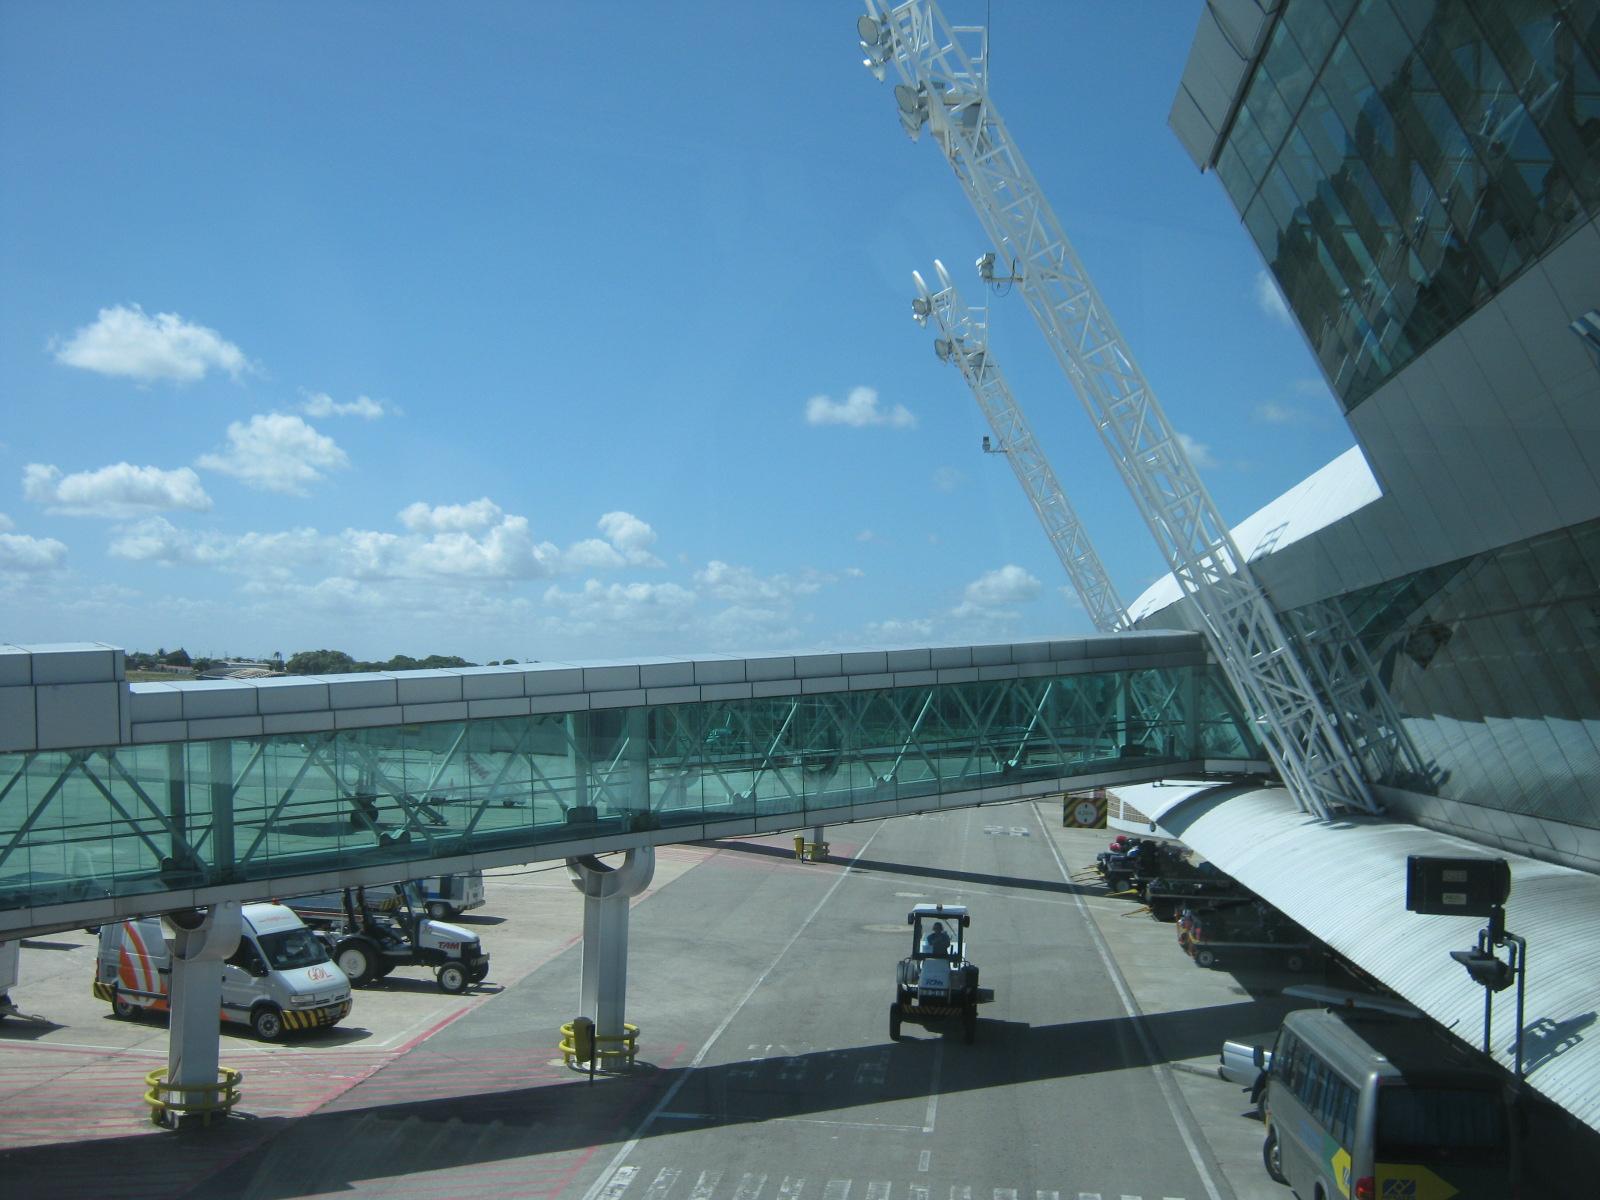 Aeroporto De Natal : Aeroportos do brasil by raul lopes skyscrapercity